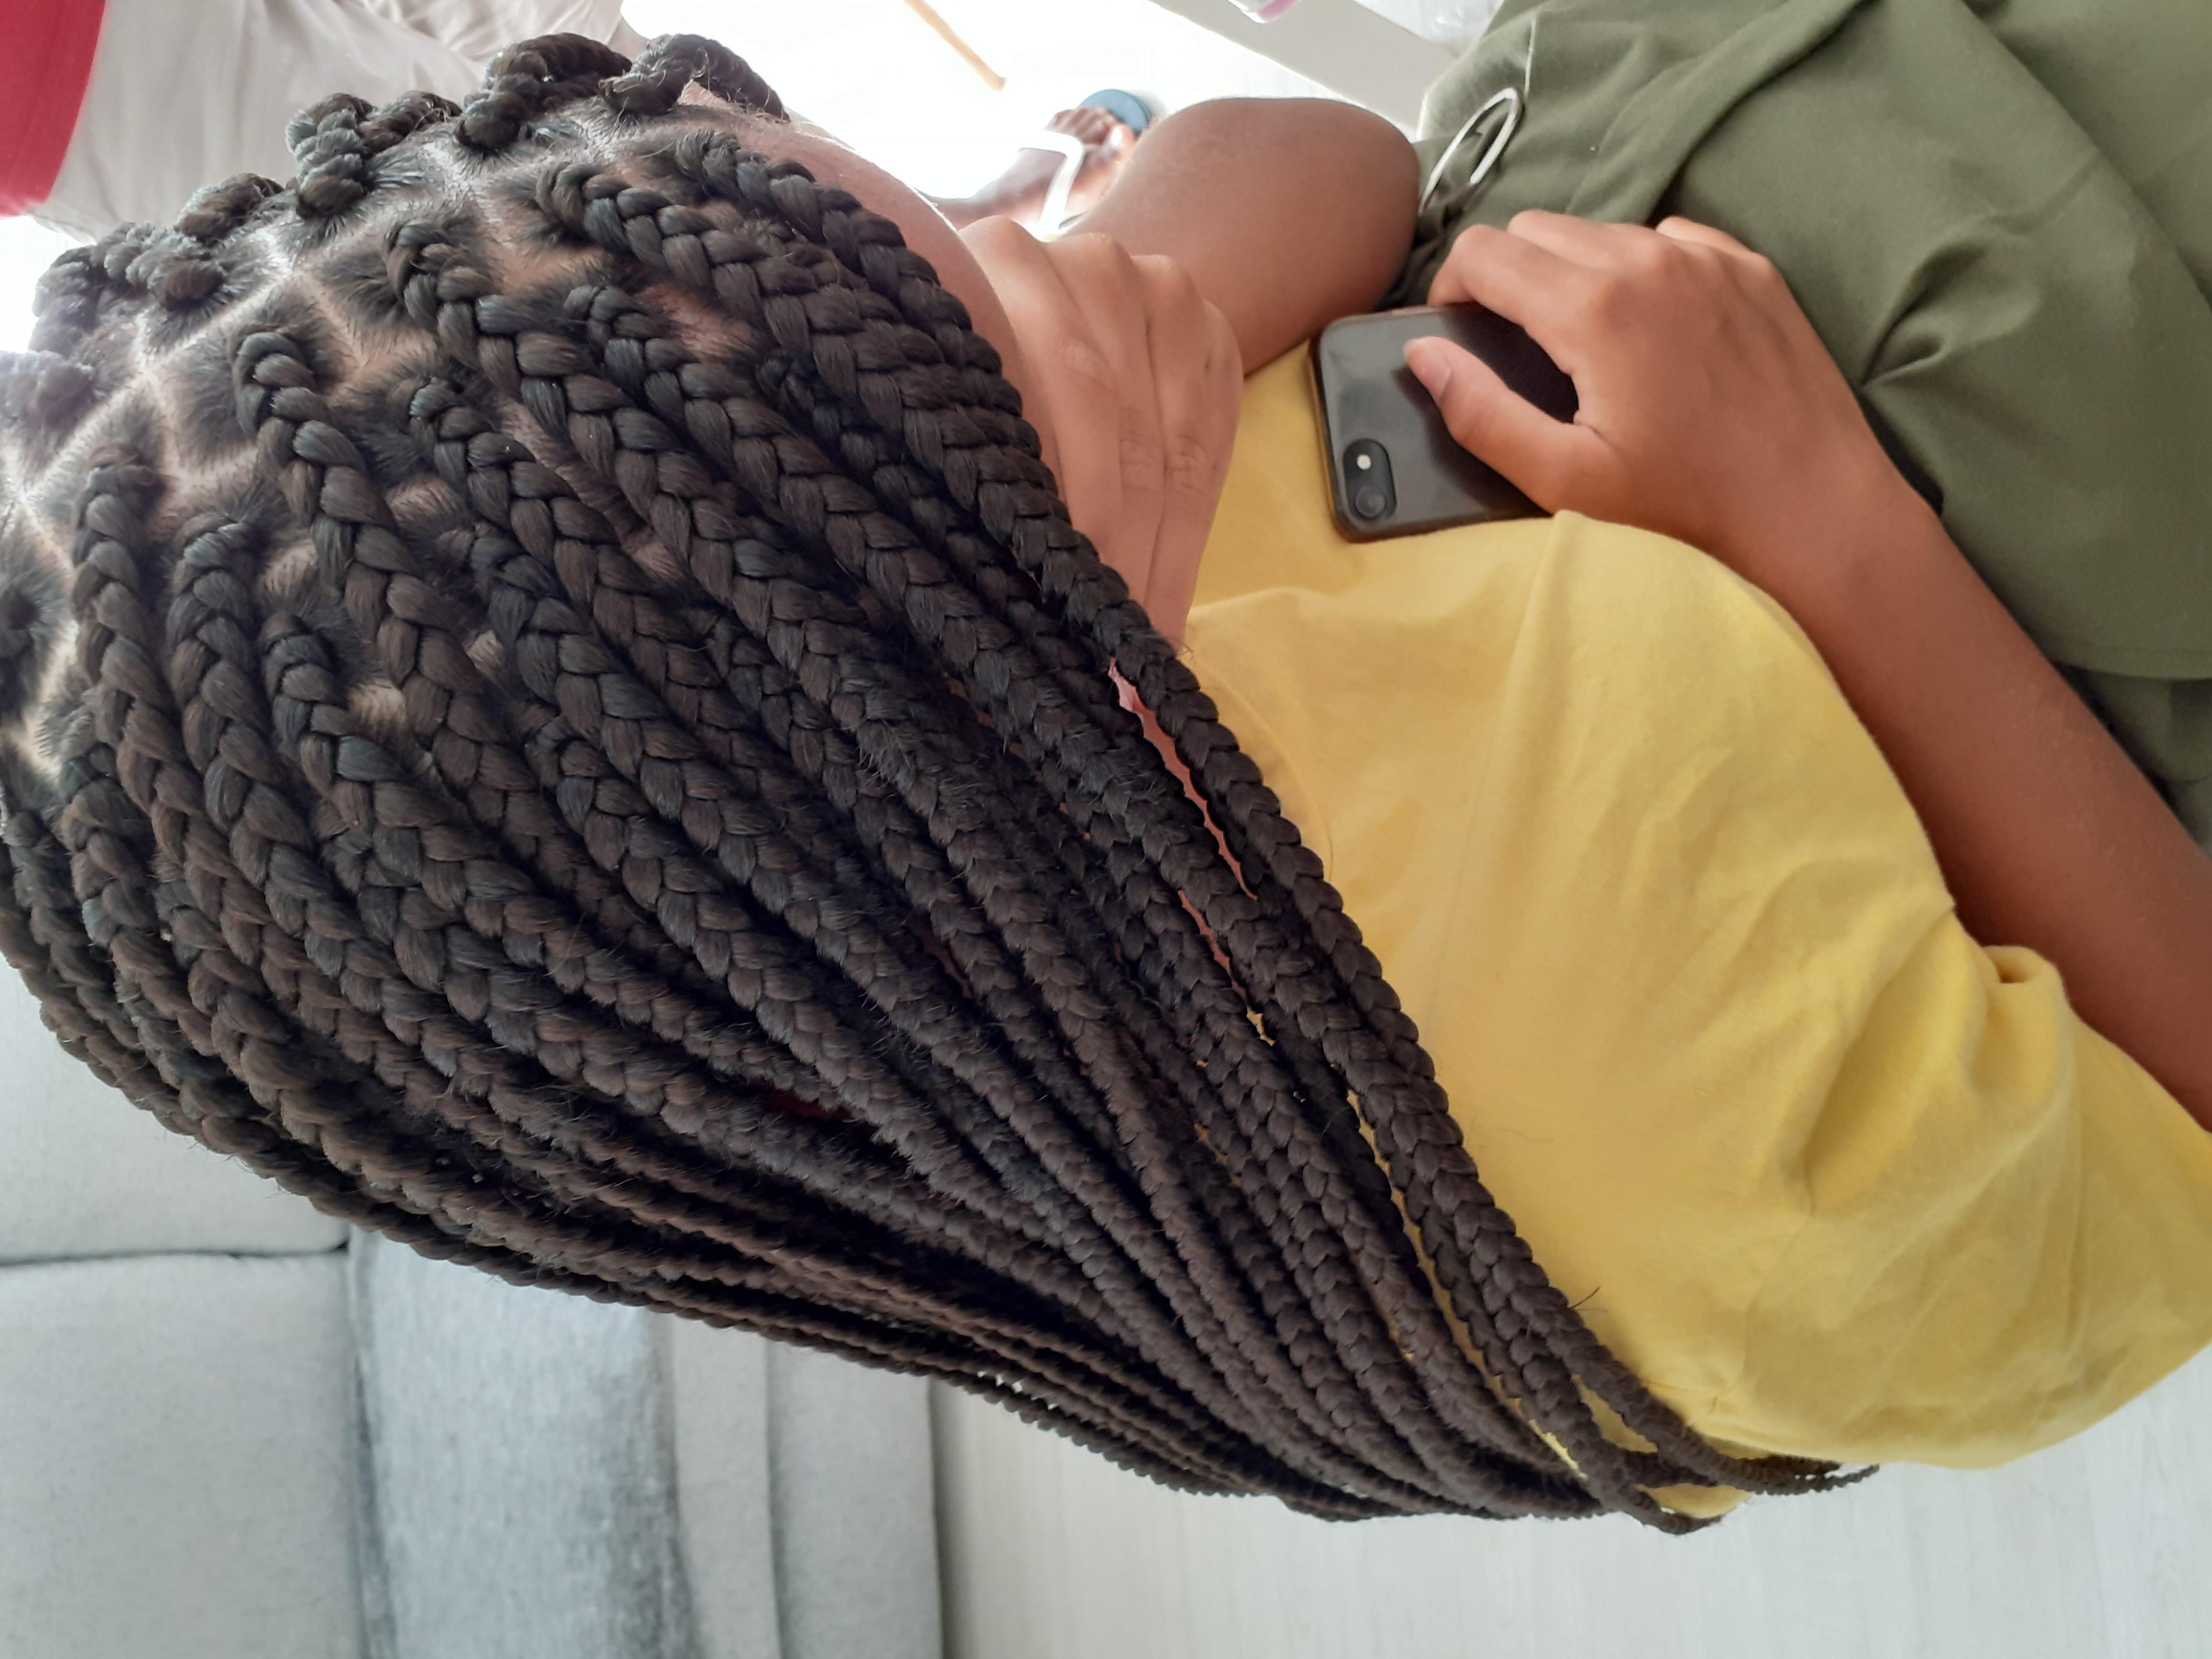 salon de coiffure afro tresse tresses box braids crochet braids vanilles tissages paris 75 77 78 91 92 93 94 95 LAGUMURJ